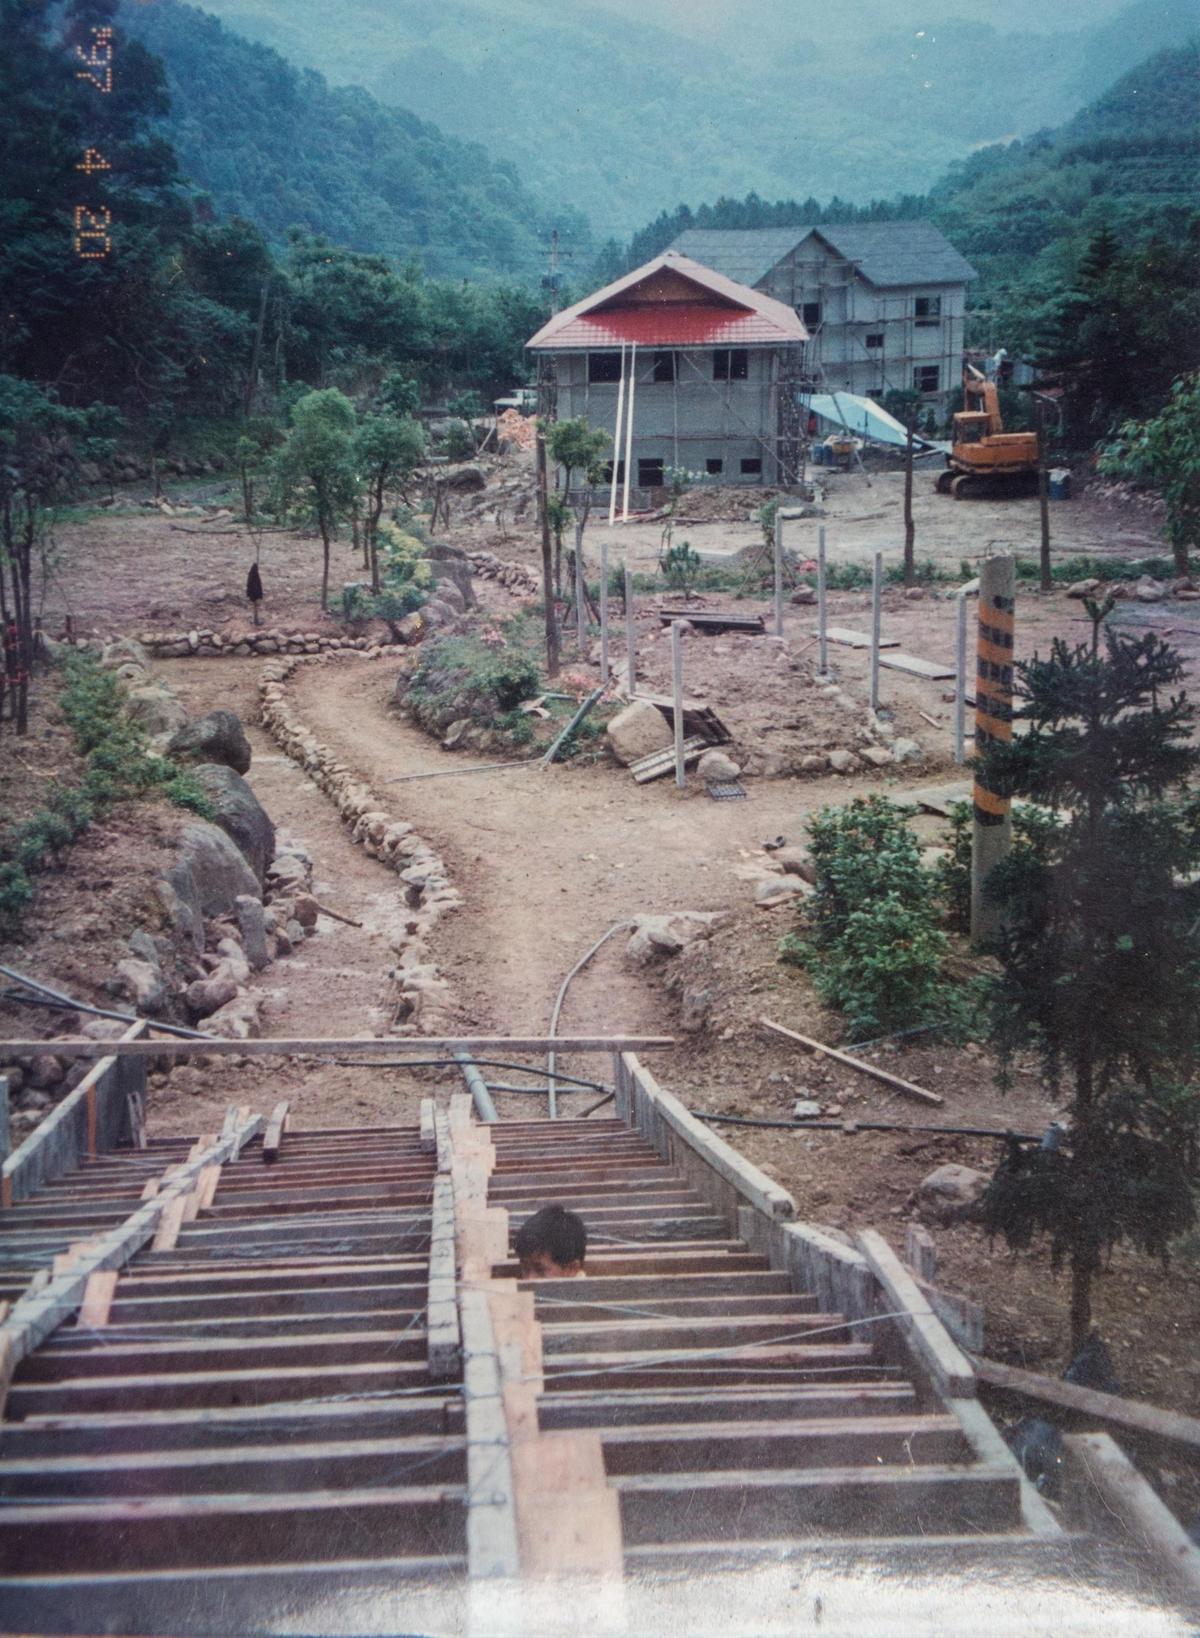 將廢棄梯田改造成退休養老的安樂窩,夫妻倆全程參與整地造園工程。(陳智夫提供)